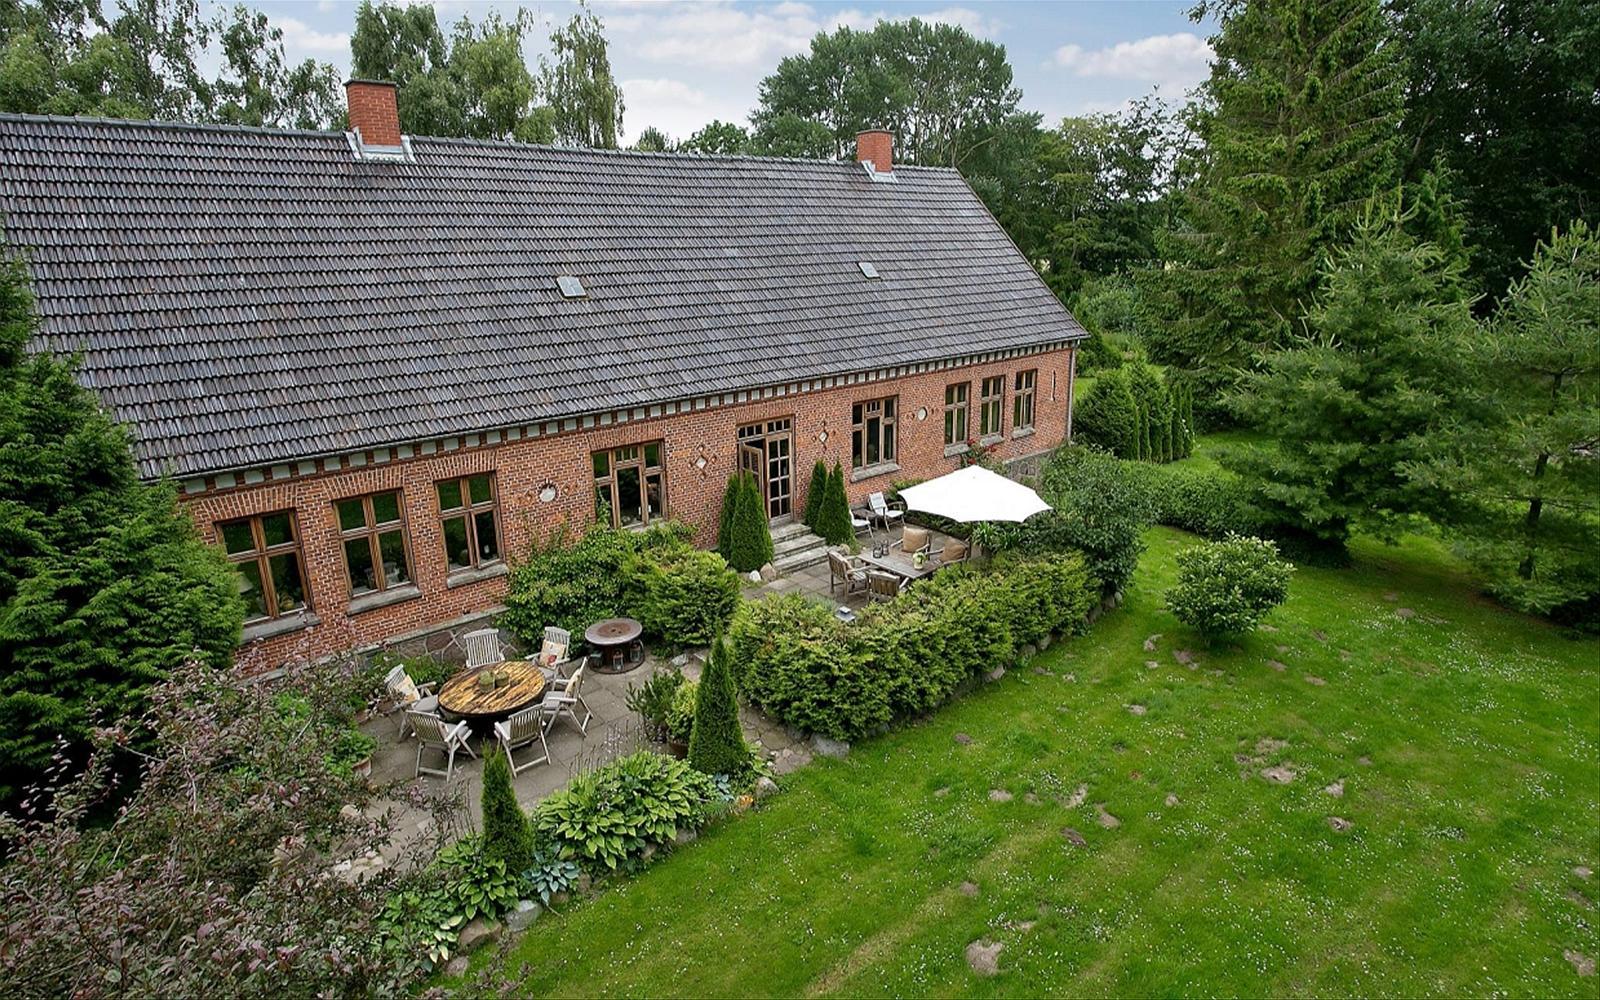 участок газон озеленение терраса дом кровля